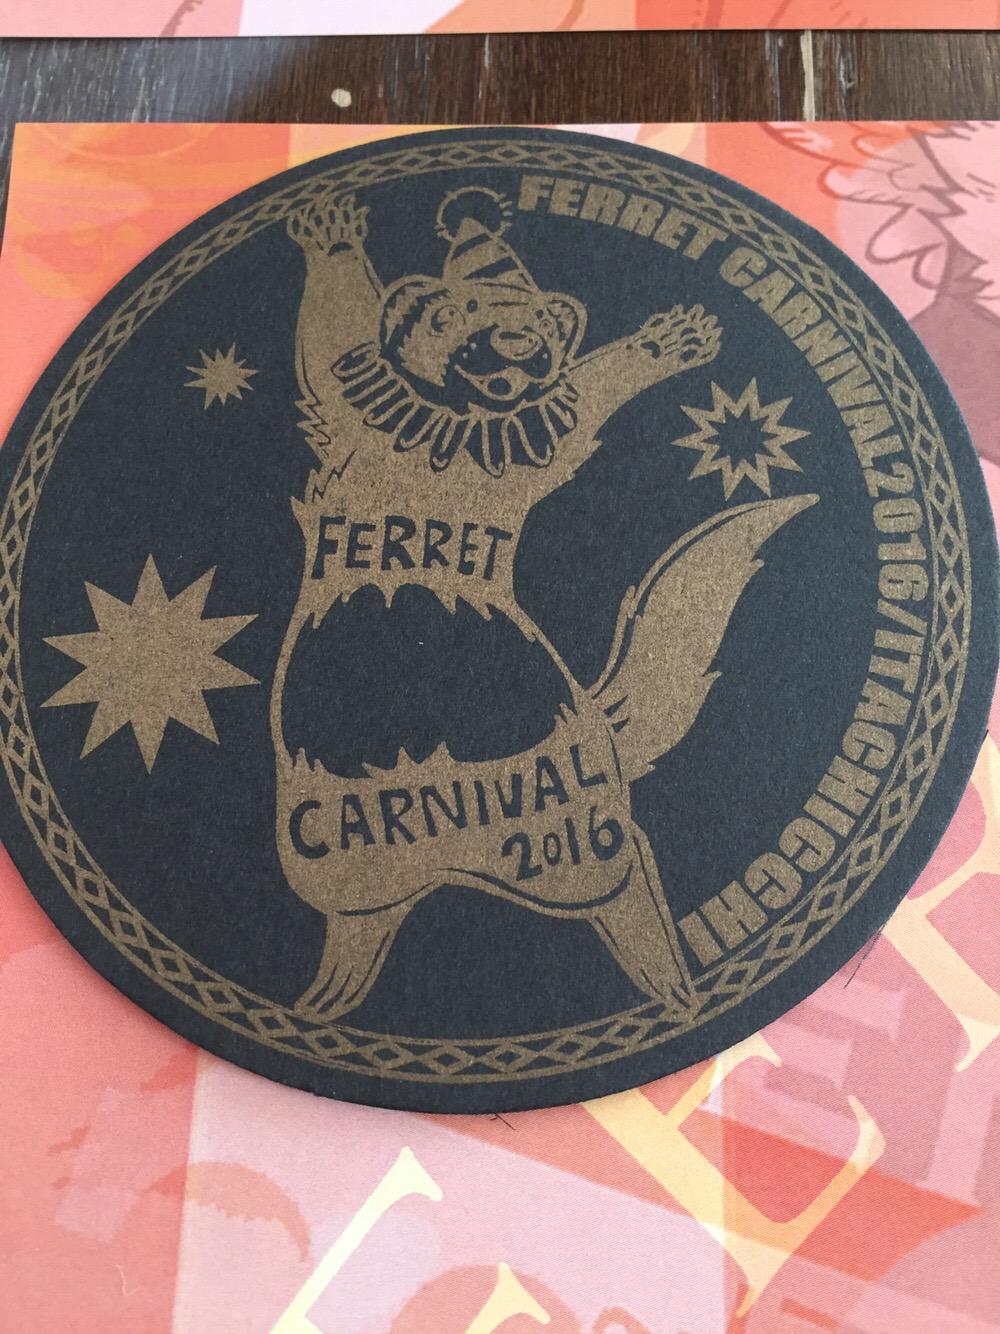 フェレットカーニバル展のコースター